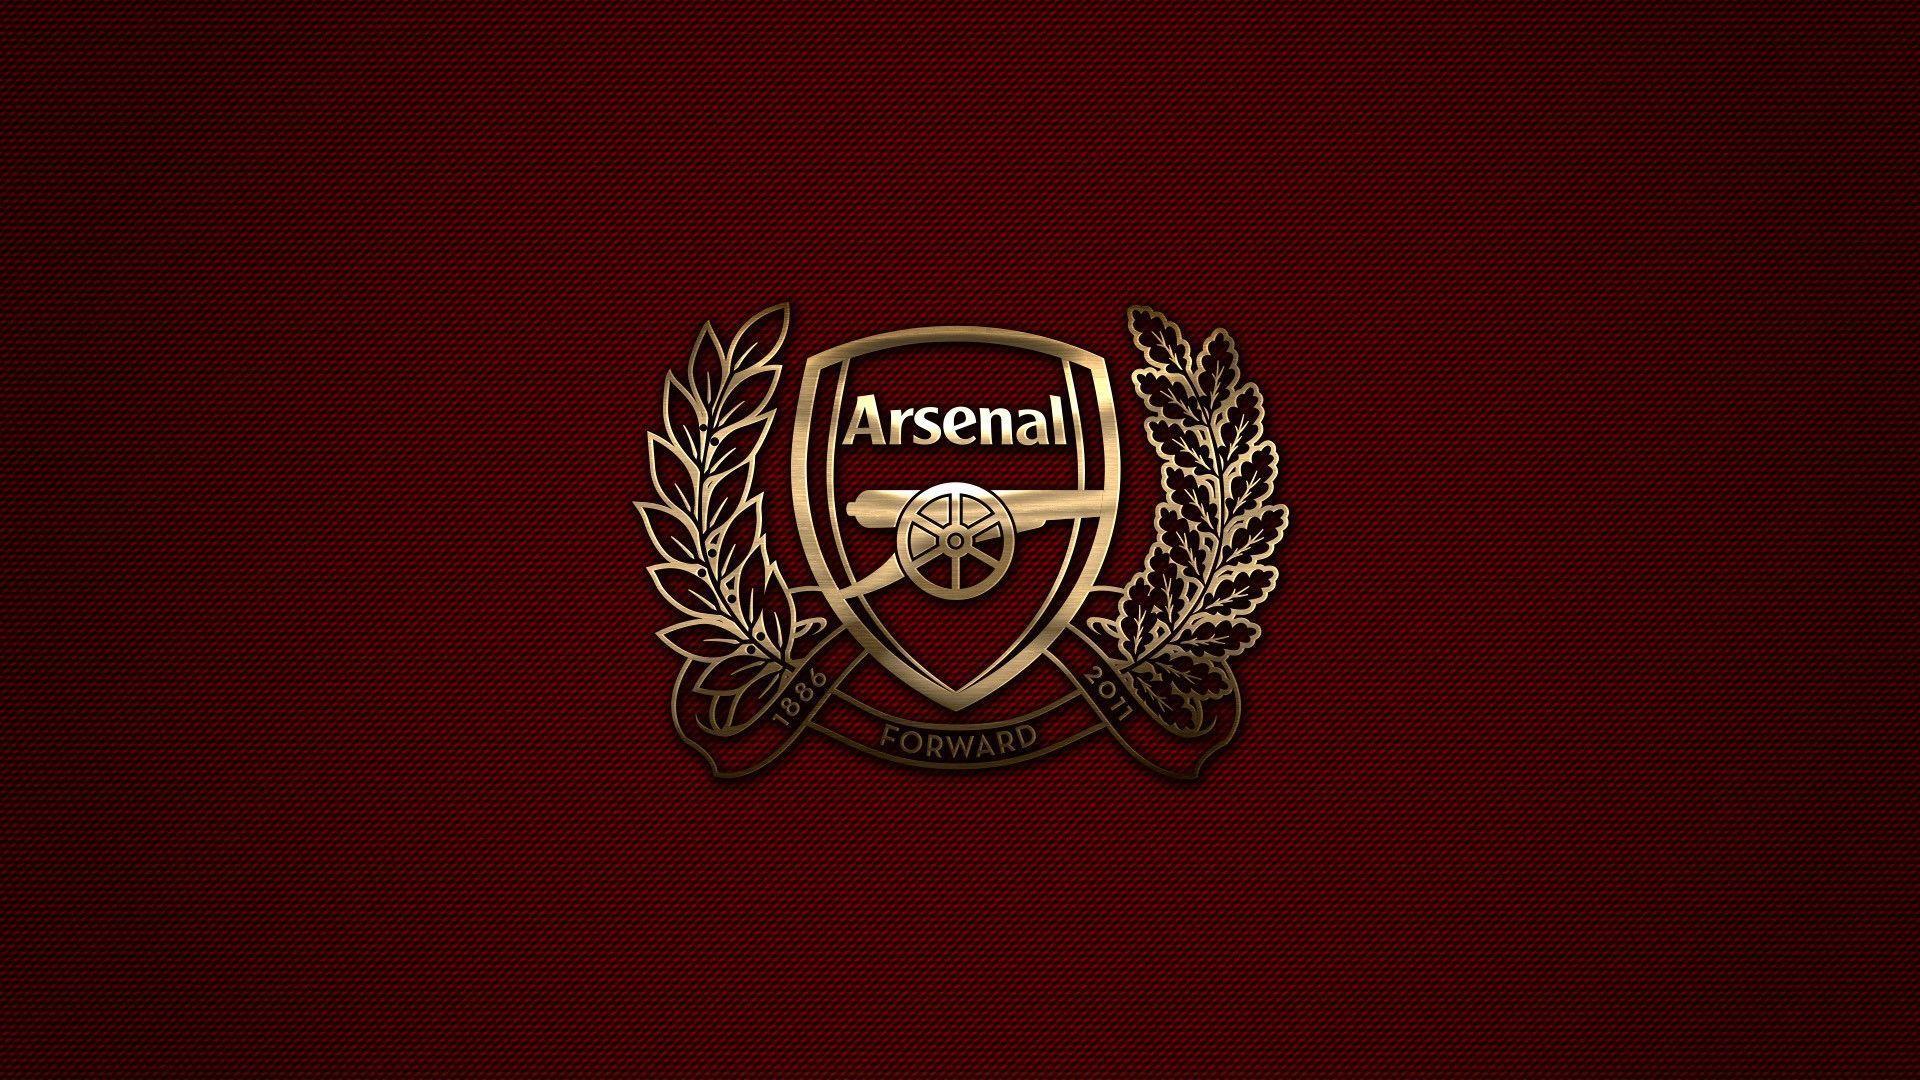 Arsenal London, Arsenal Fc, Premier League, Sports Club Wallpapers ...